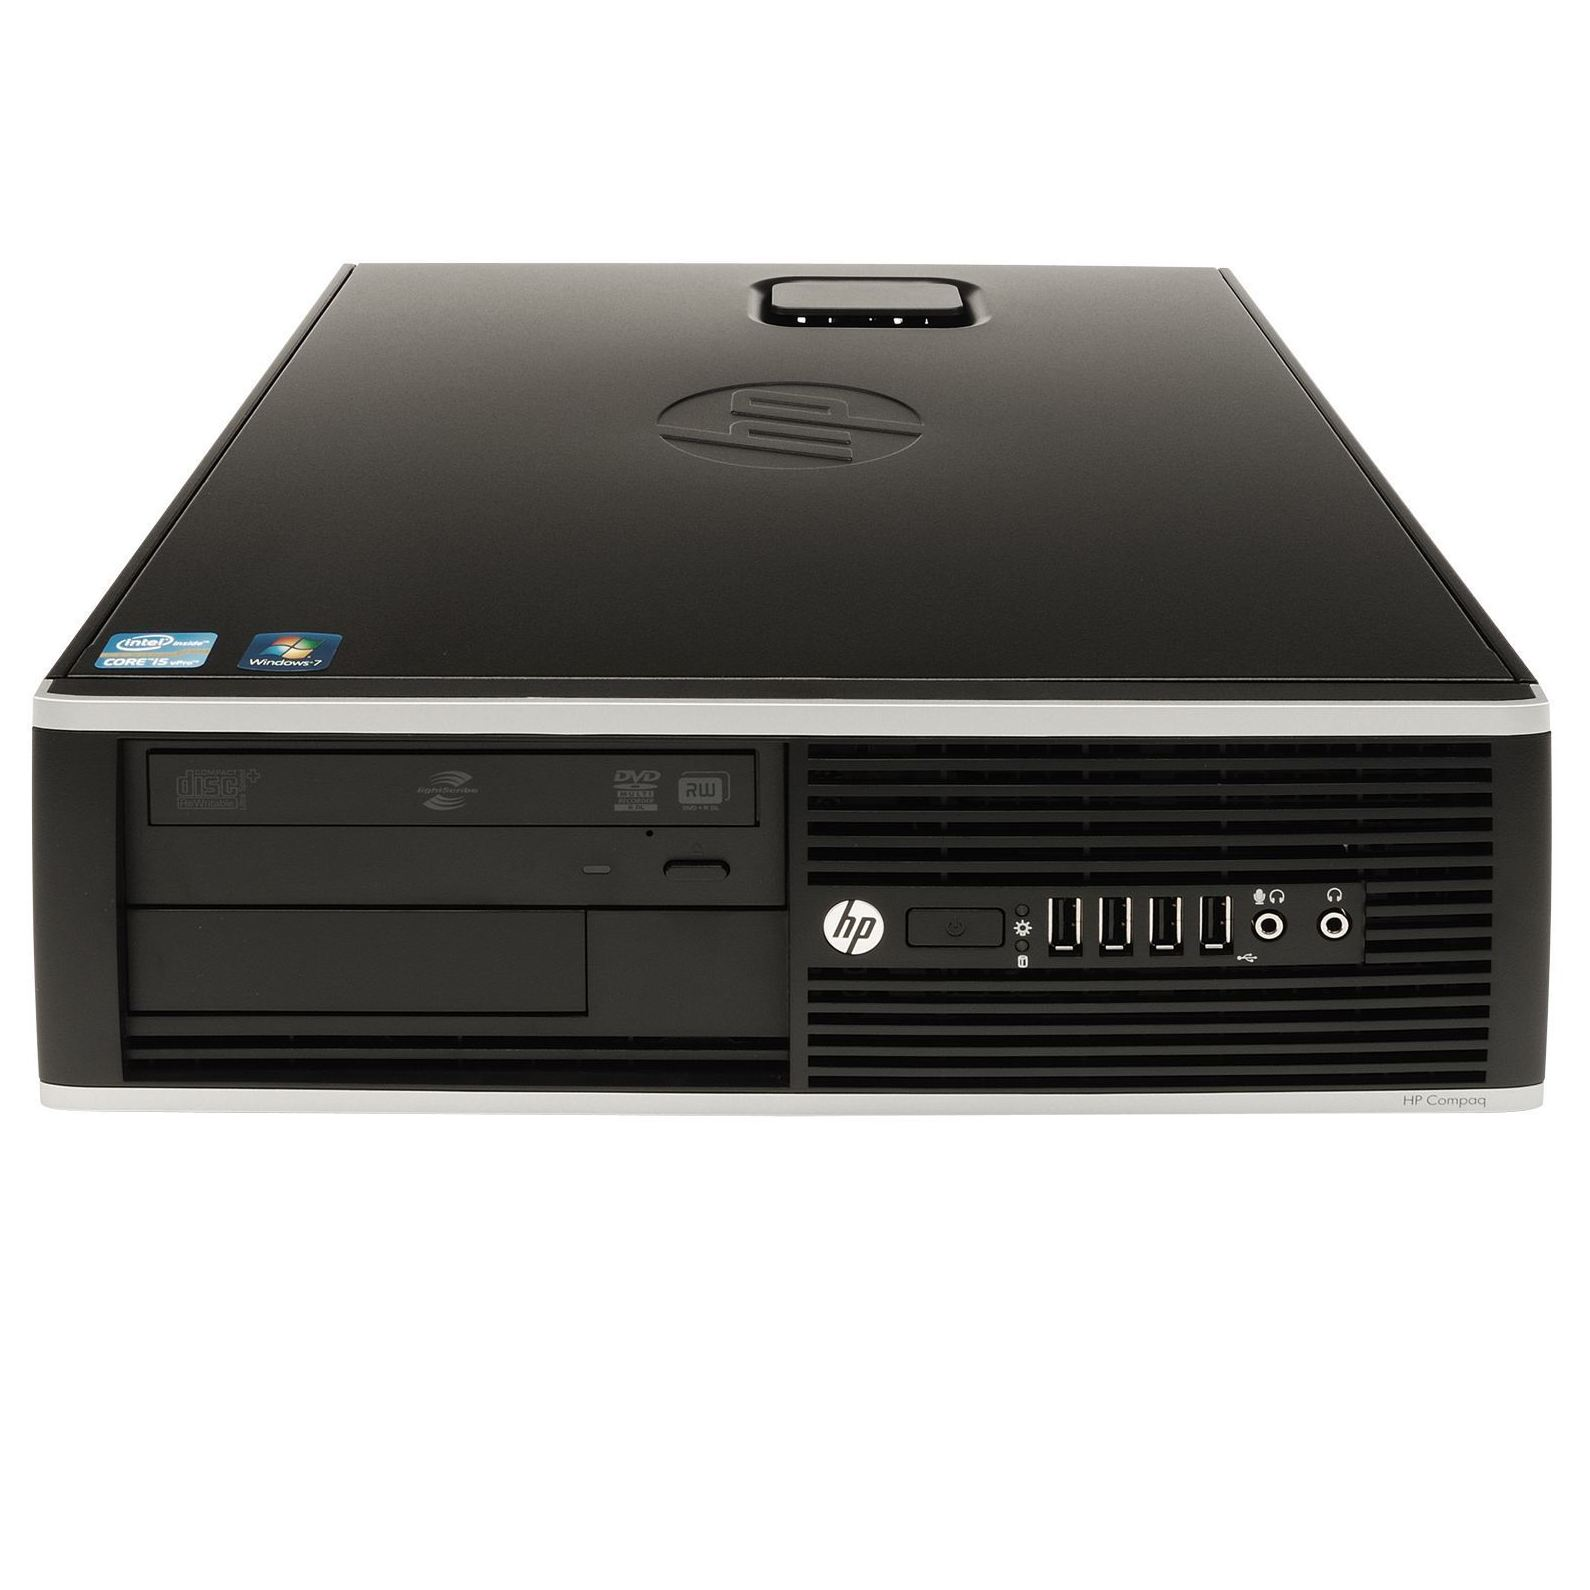 Ordenador 9 - Intel Core i7 2ª Generación: PRODUCTOS JUNIO de Abaser Reutilización Informática